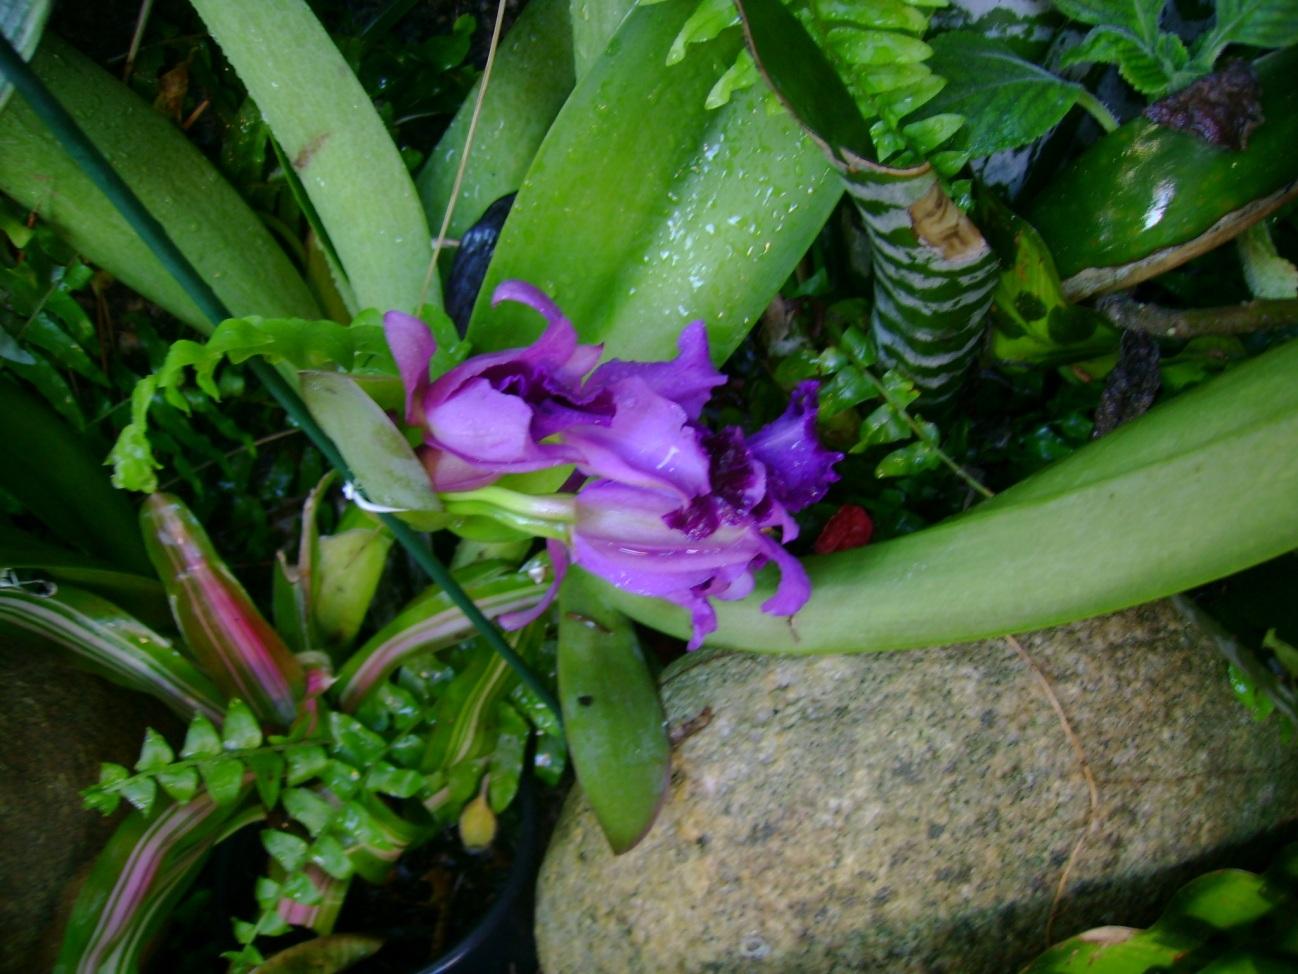 flores jardim do mar : flores jardim do mar:Neumar Monteiro: AS FLORES DO JARDIM DA MINHA CASA